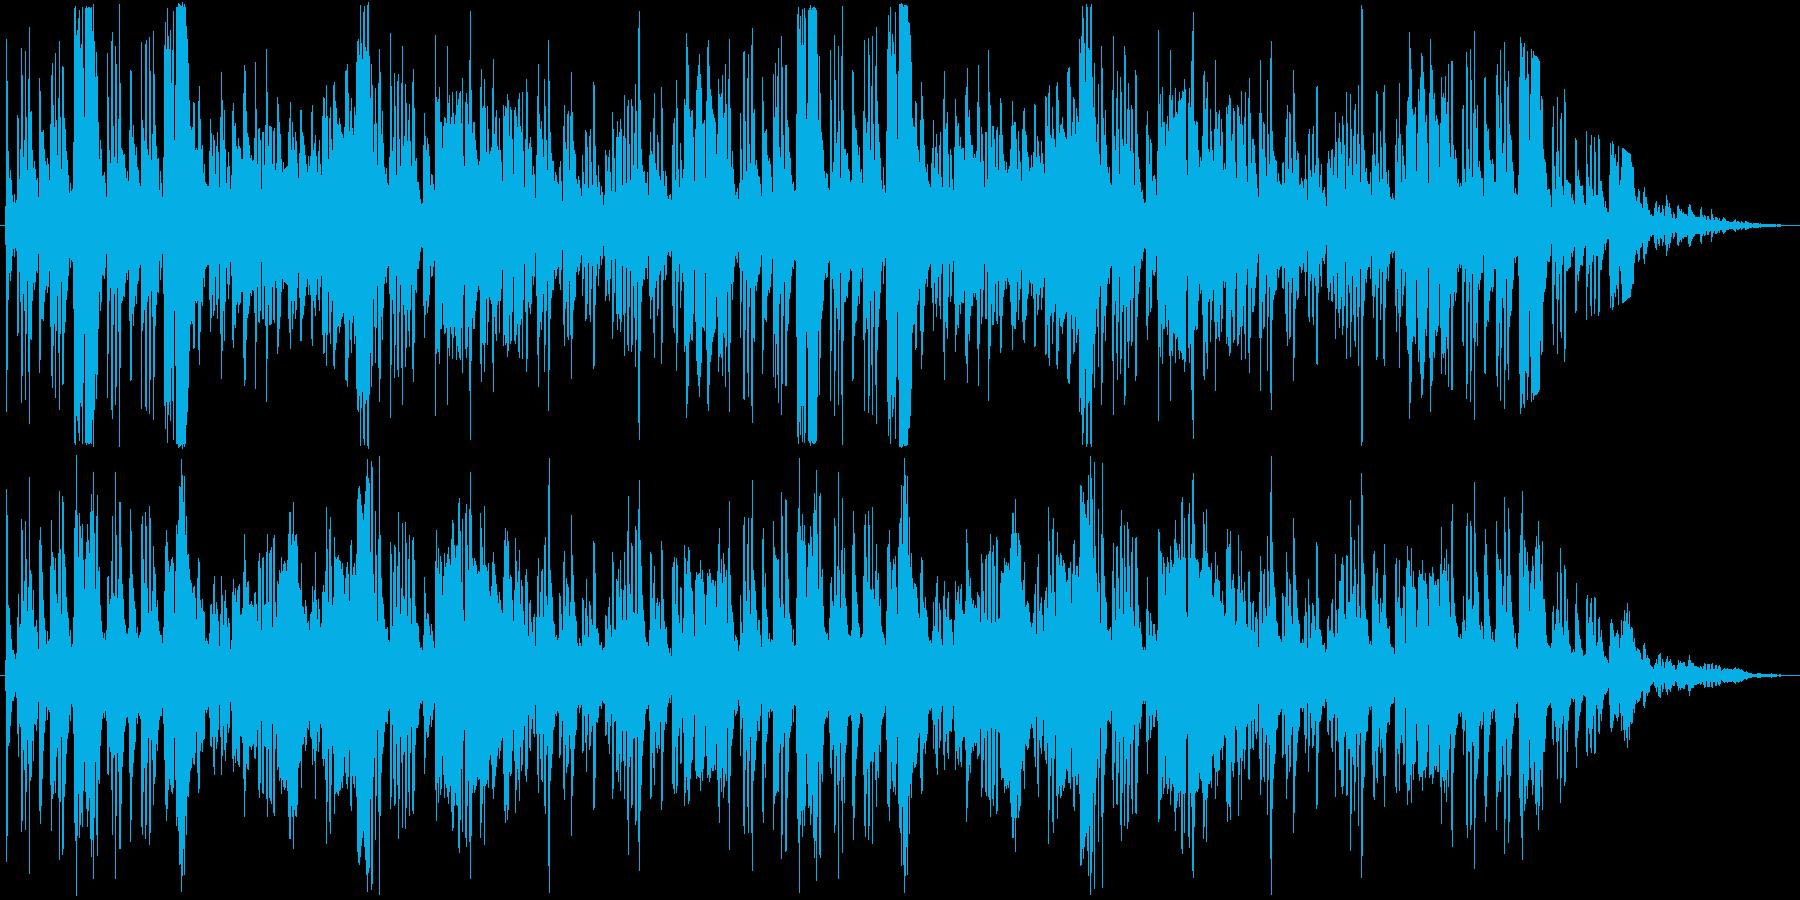 RPGのフィールドBGM風の再生済みの波形